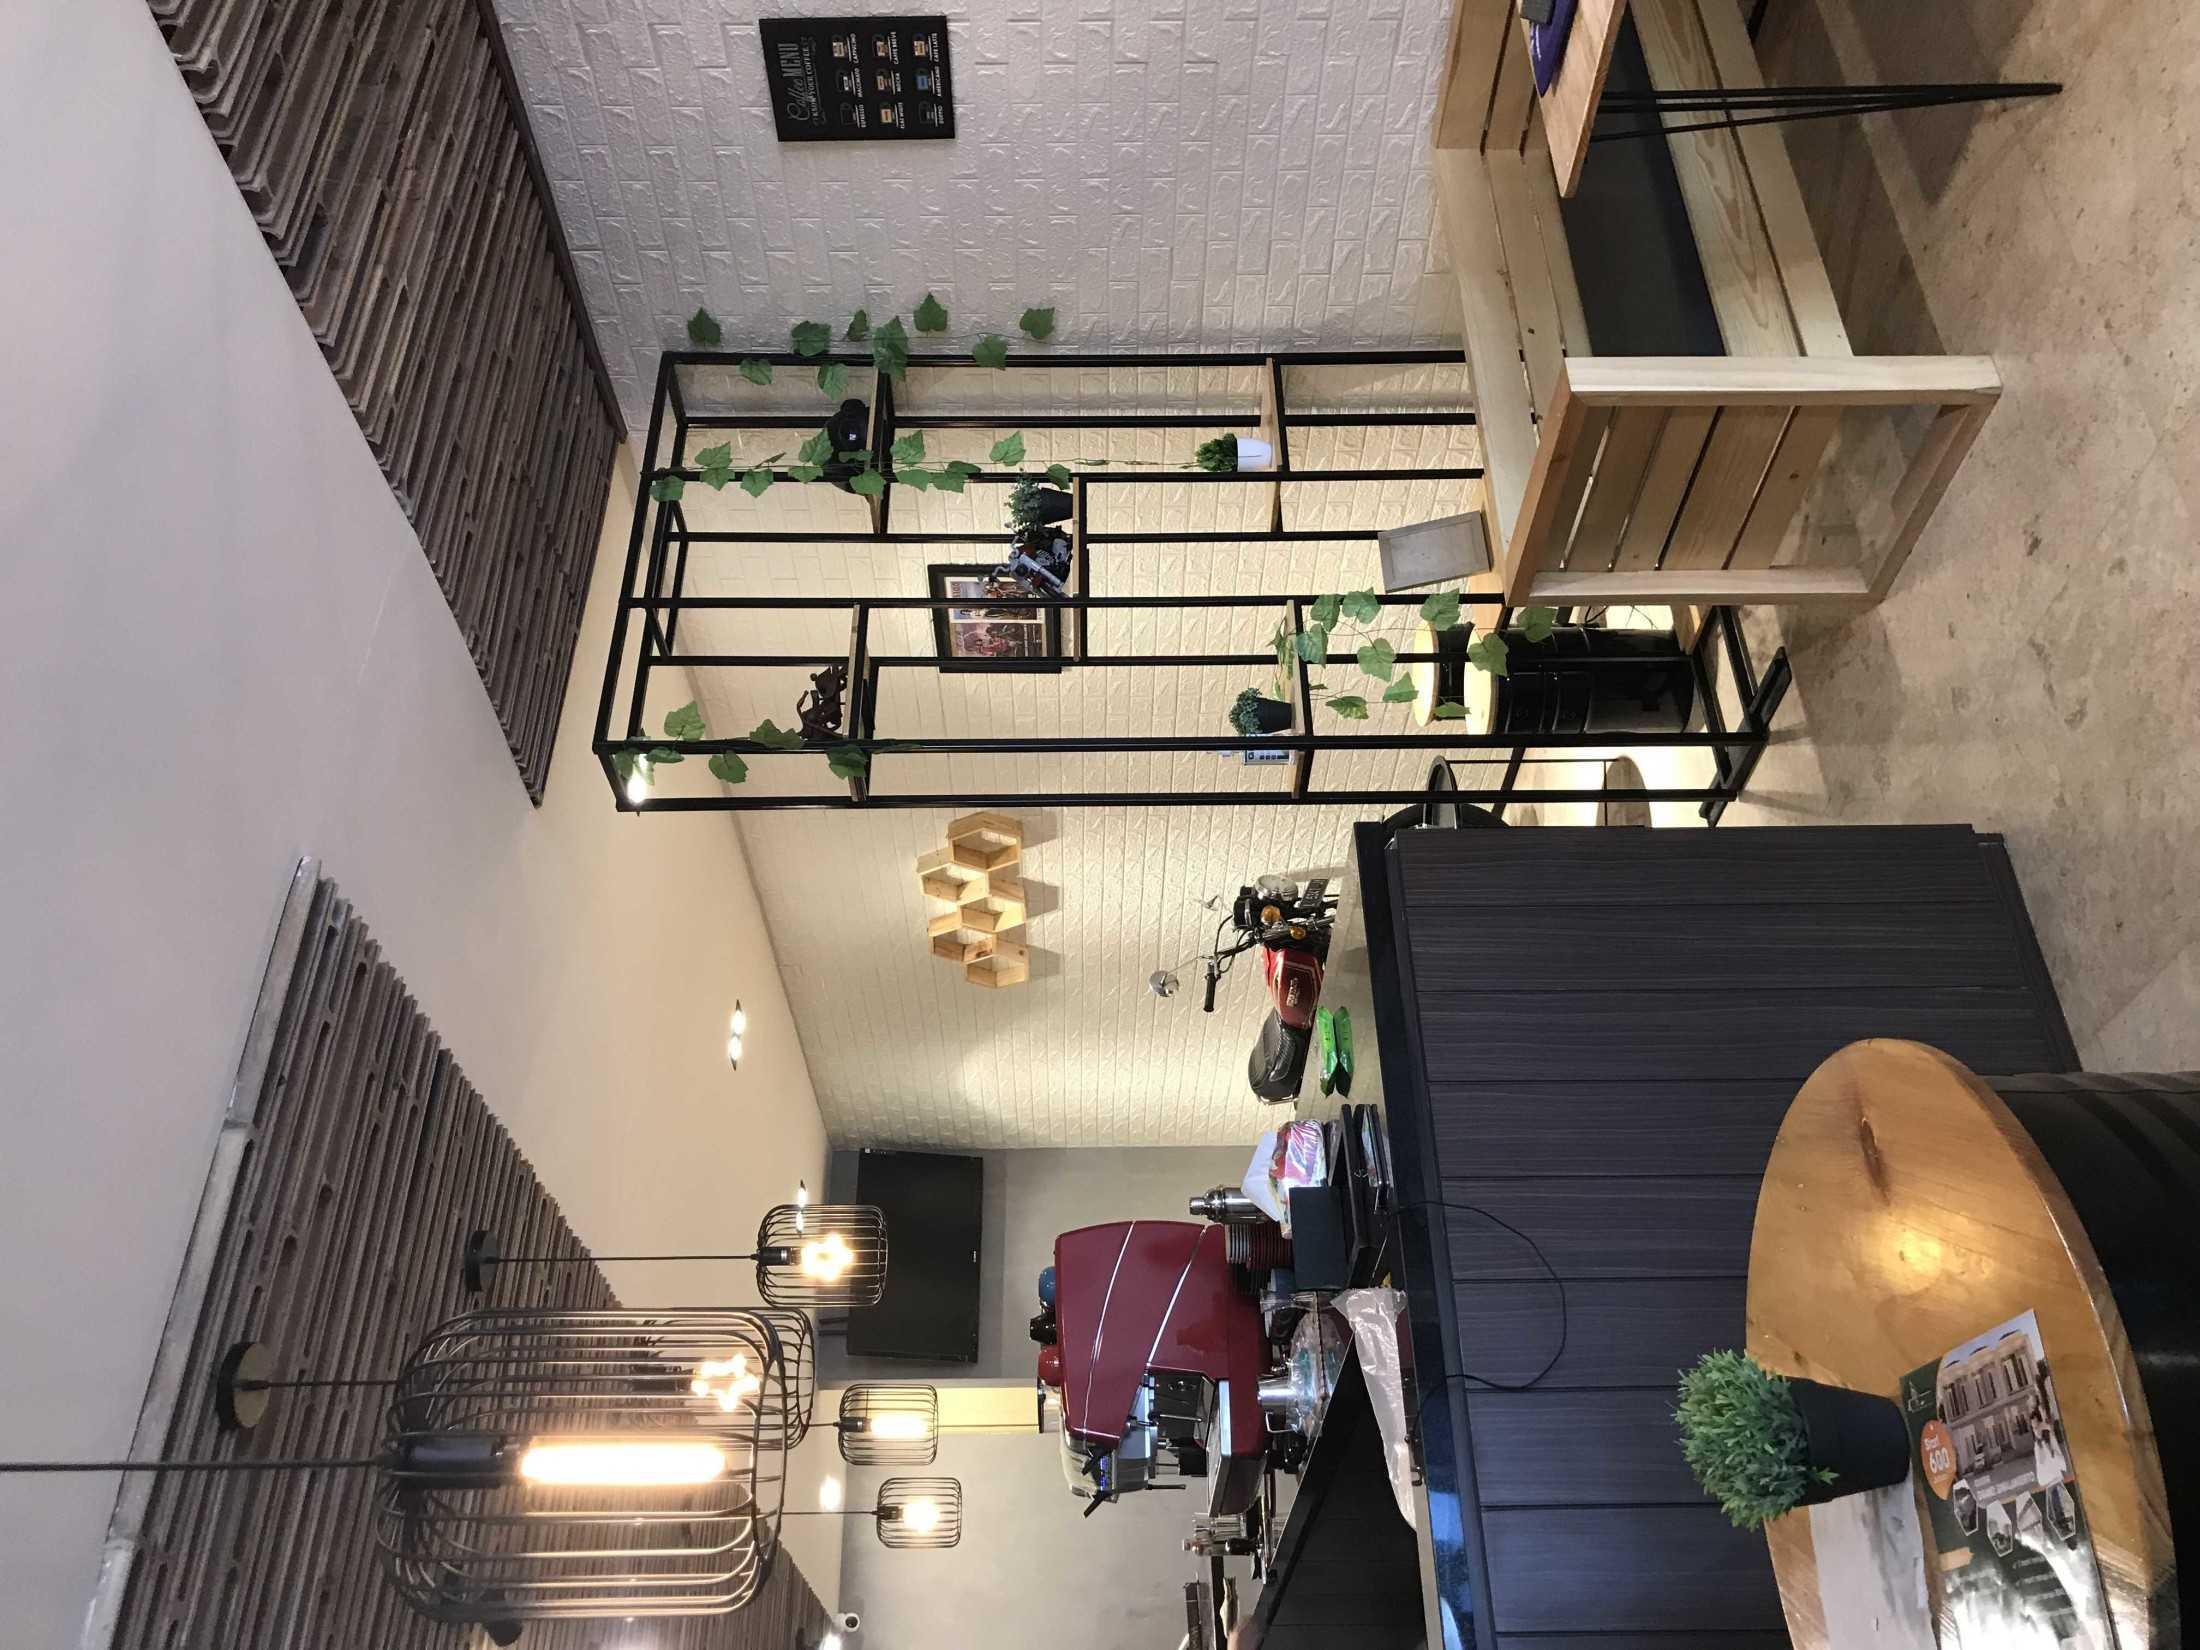 Yulianto Gunawan Basecamp Cafe Surabaya, Kota Sby, Jawa Timur, Indonesia Surabaya, Kota Sby, Jawa Timur, Indonesia Yulianto-Gunawan-Basecamp-Cafe  129050